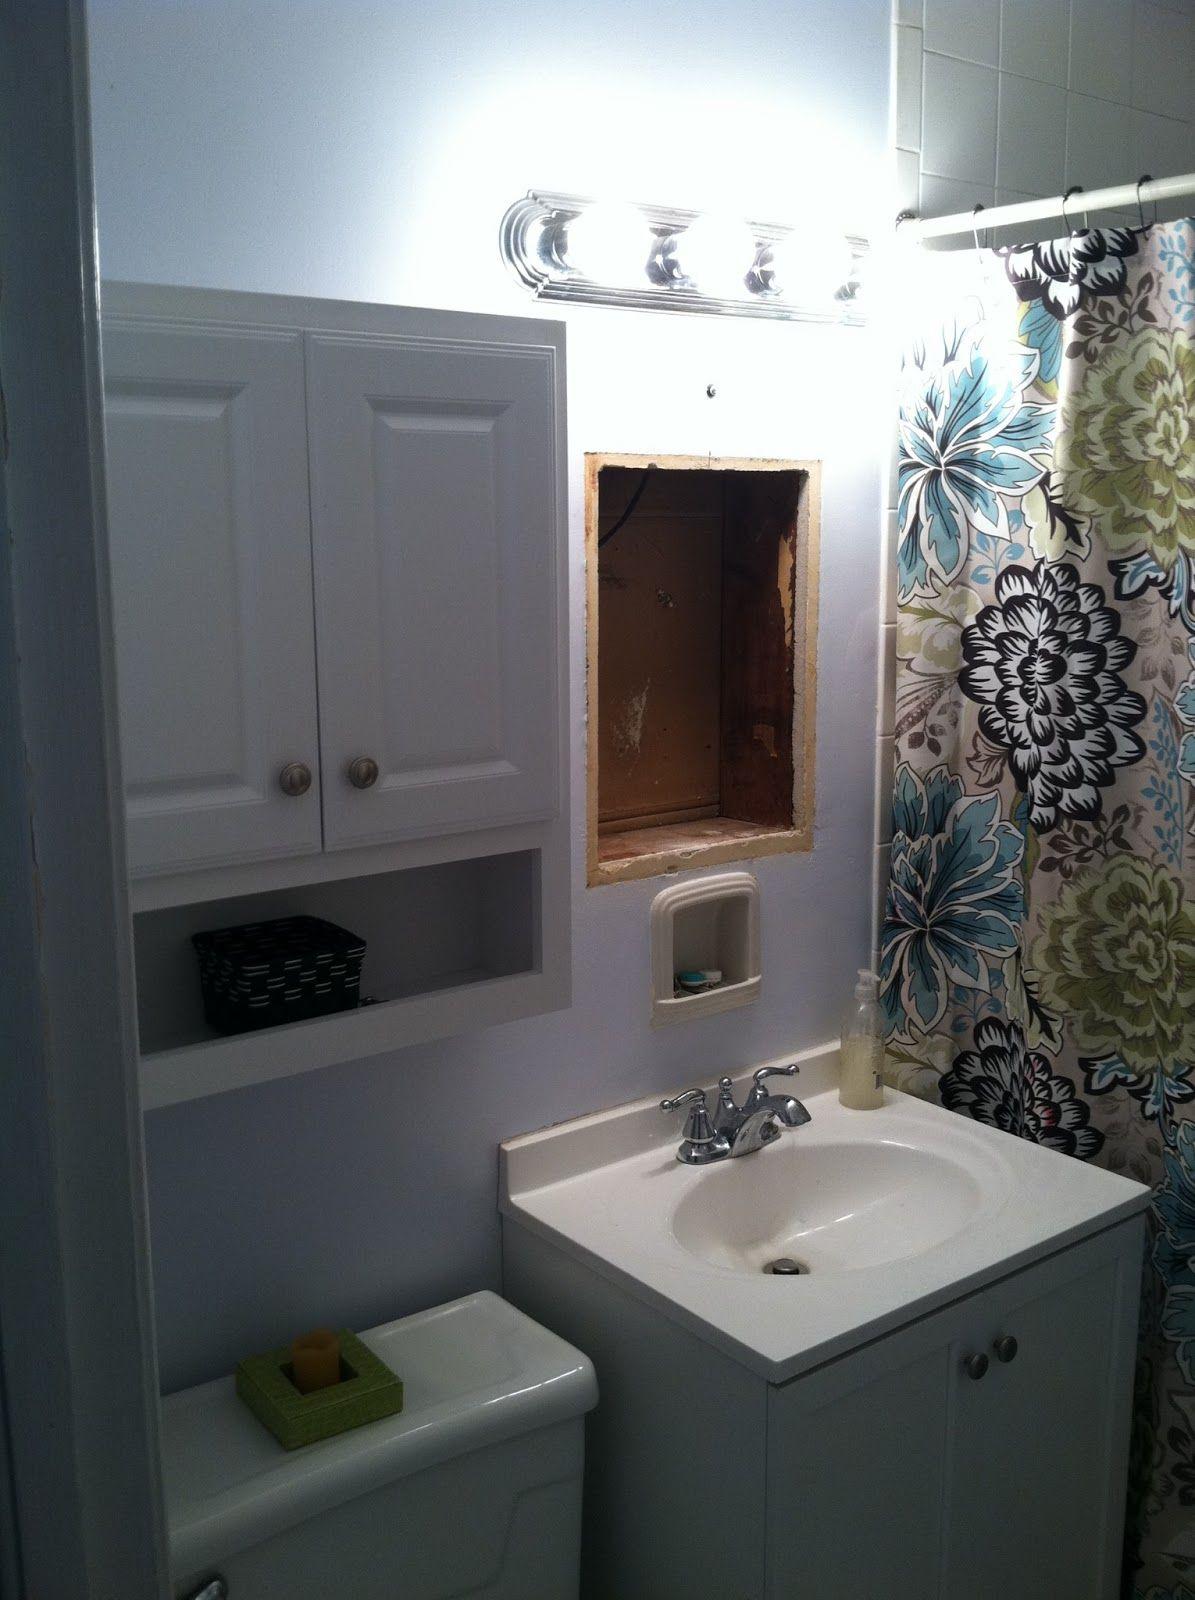 Merveilleux SIMPLE DIY BATHROOM UPDATE!